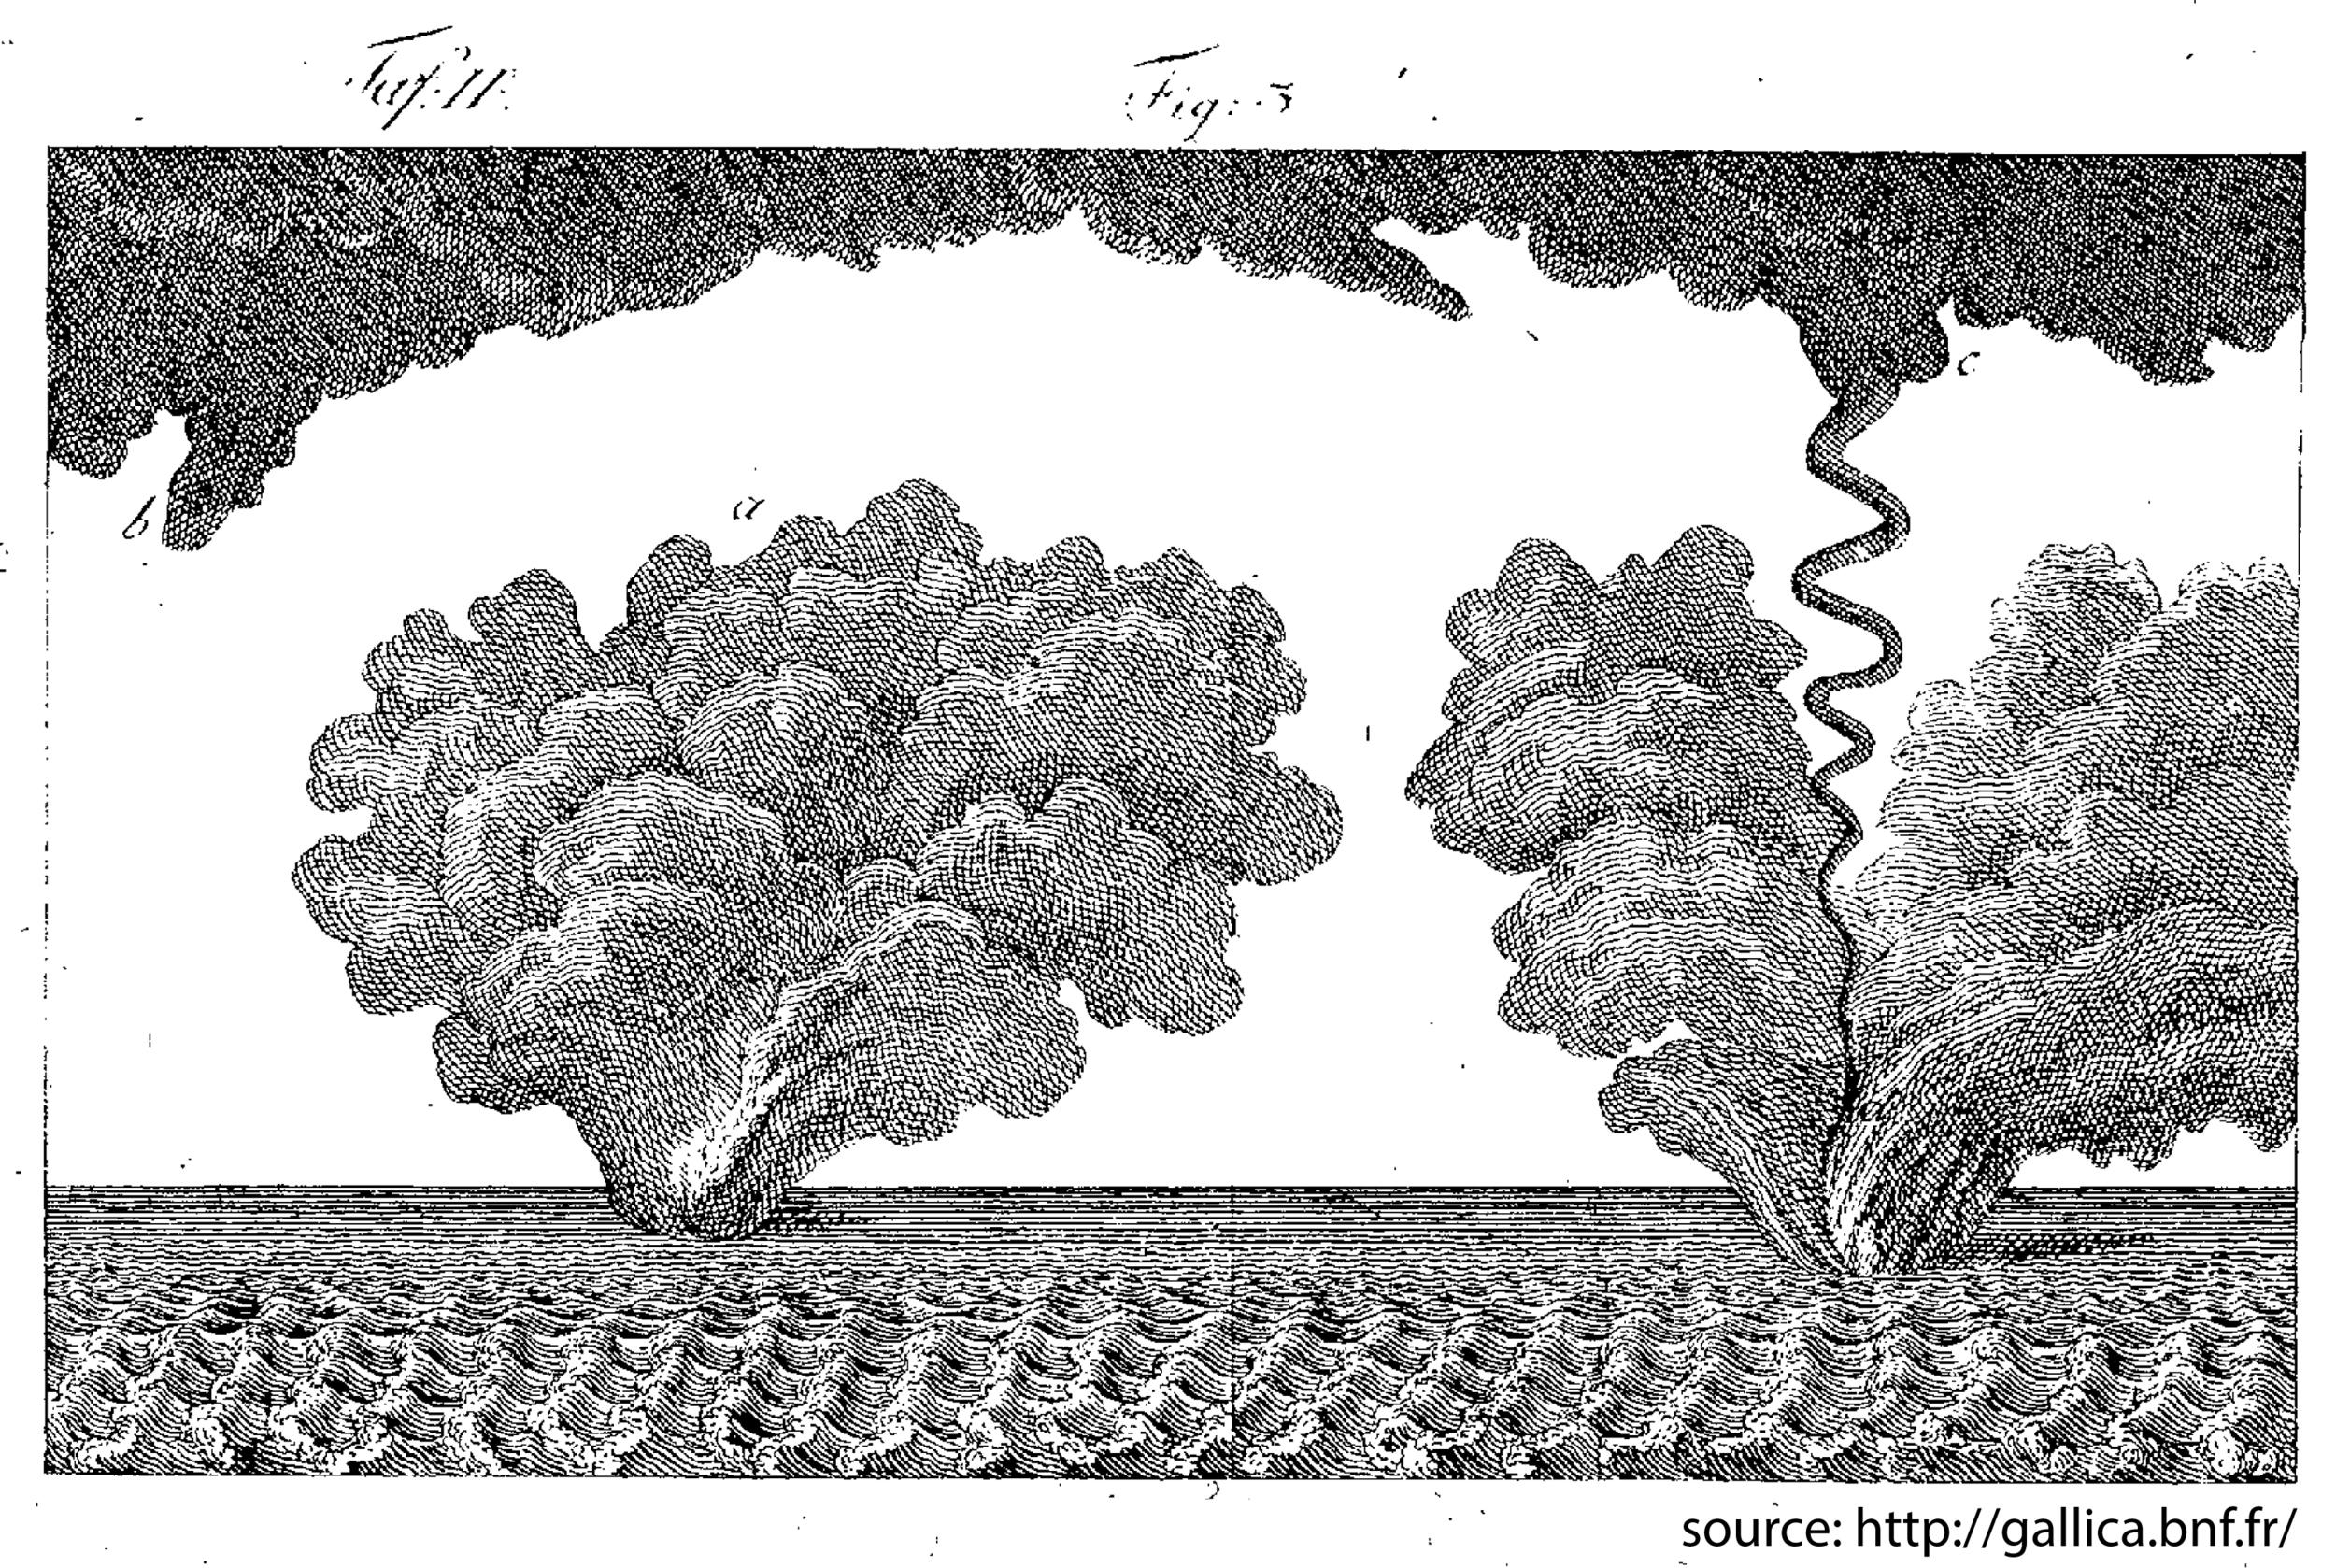 The evolution of the second waterspout observed at Nice on 6 January 1879.    source: Michaud, 1801: Observations sur les trombes de mer vues de Nice en 1789, le 6 Janvier et le 19 Mars.  Memoires de l' Acad. de Turin  ,  Tome 6  , p. 3  –  22. (via  gallica.bnf.fr  ).